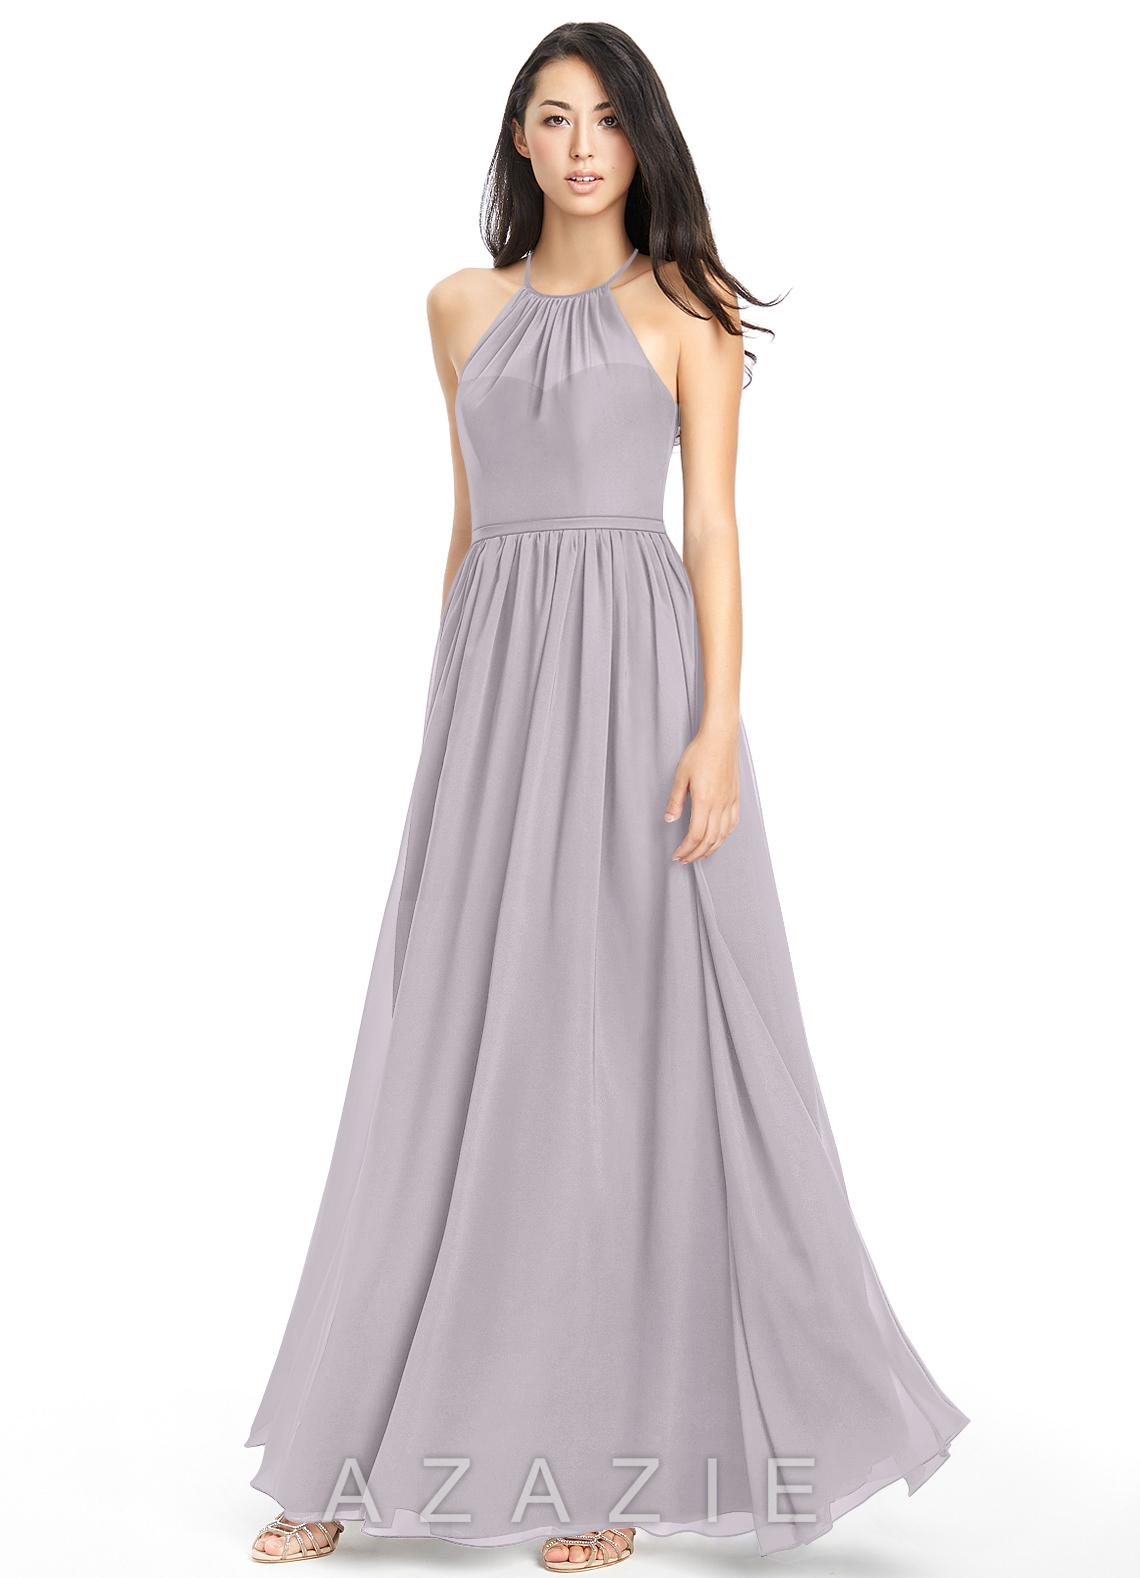 Dusk bridesmaid dresses dusk gowns azazie azazie kailyn azazie kailyn ombrellifo Images